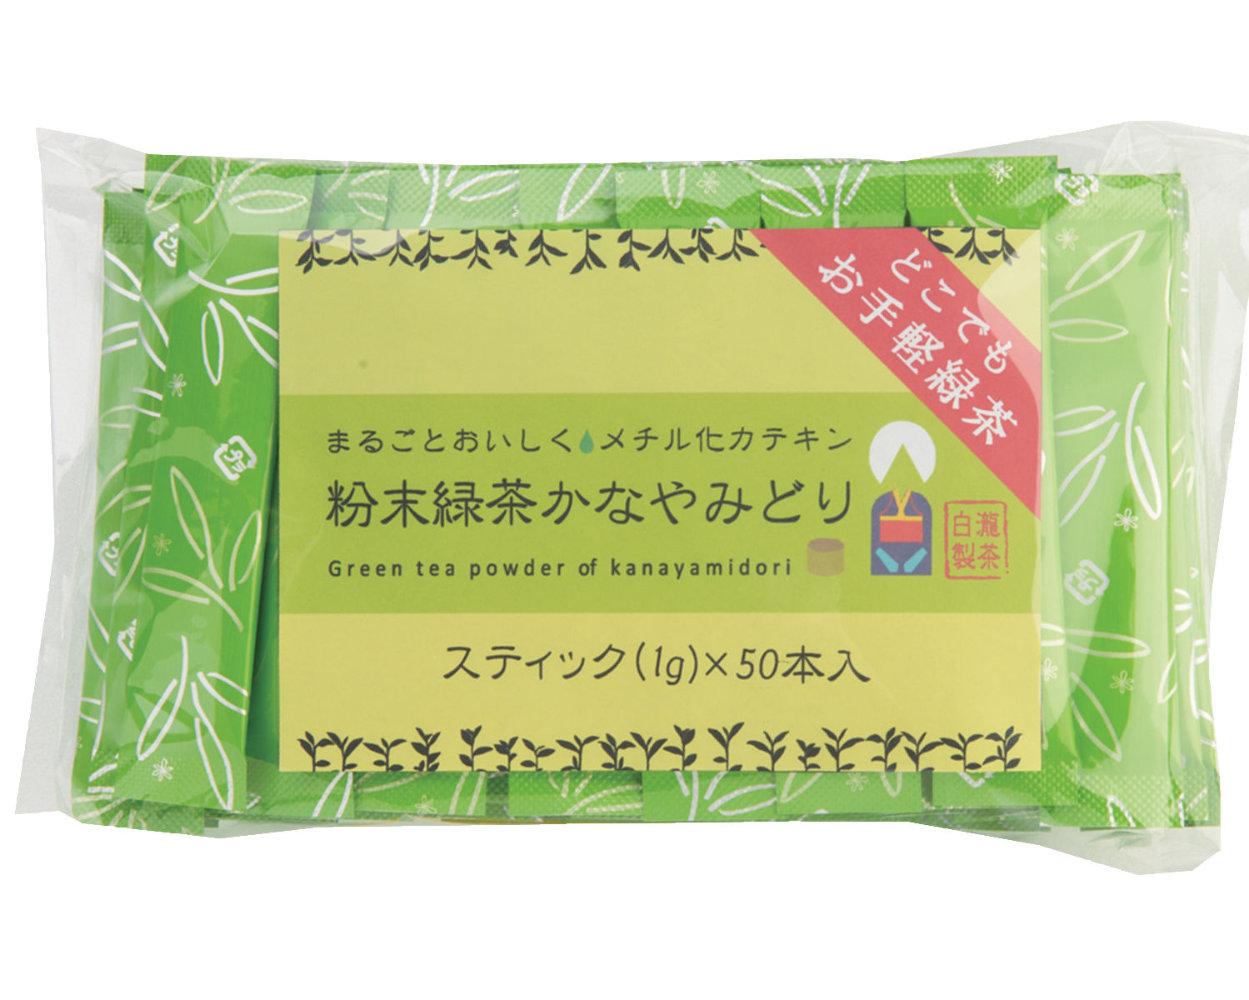 粉末緑茶かなやみどり 1g×50本